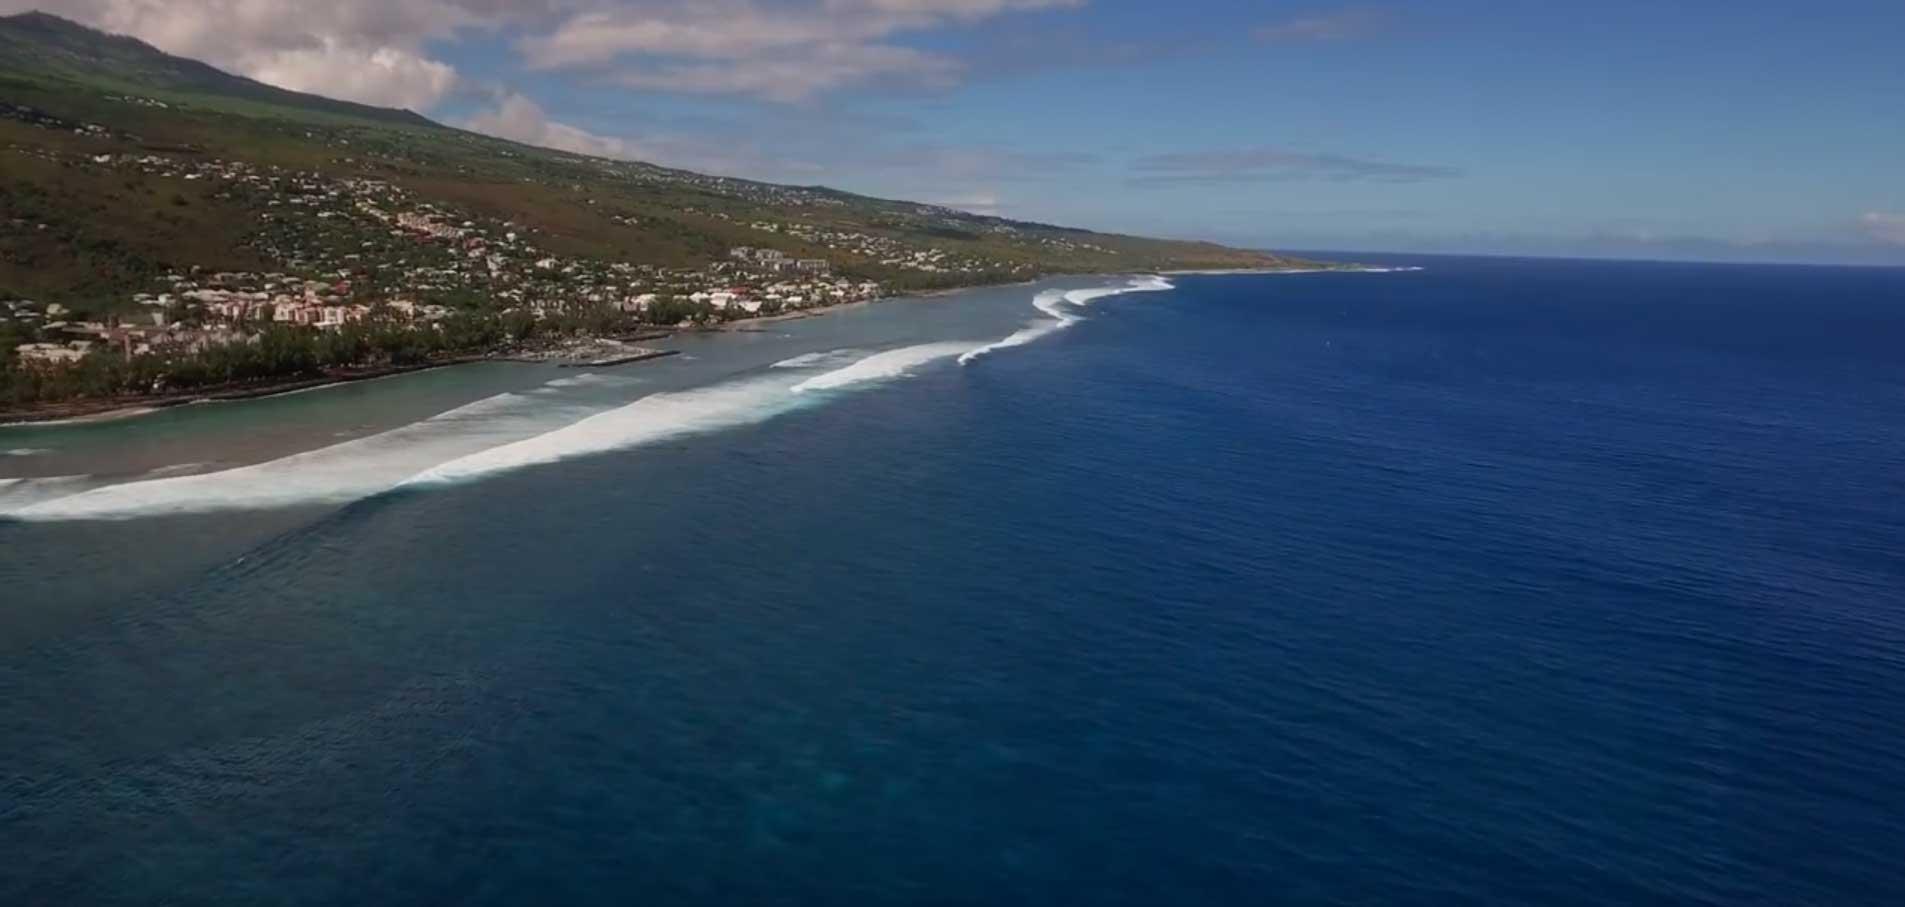 Saint Leu ist der beste Spot auf La Réunion. Ein Hainetz gibt es nicht, gesurft wird dennoch.